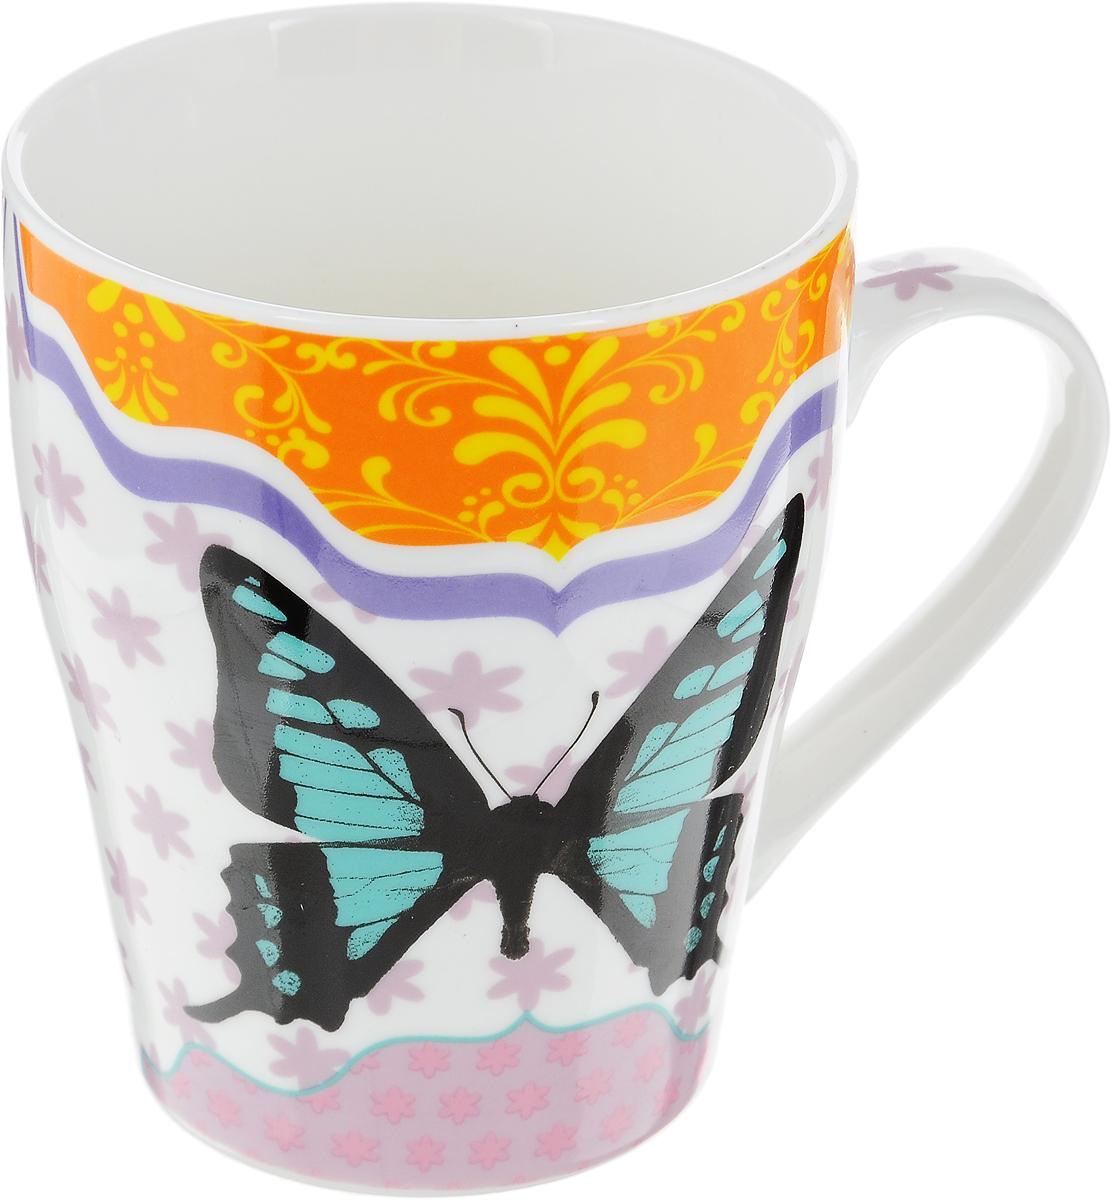 Кружка Loraine Бабочка, цвет: белый, бирюзовый, черный, 340 млVT-1520(SR)Кружка Loraine Бабочка изготовлена из прочного качественного костяного фарфора. Изделие оформлено красочным рисунком. Благодаря своим термостатическим свойствам, изделие отлично сохраняет температуру содержимого - морозной зимой кружка будет согревать вас горячим чаем, а знойным летом, напротив, радовать прохладными напитками. Такой аксессуар создаст атмосферу тепла и уюта, настроит на позитивный лад и подарит хорошее настроение с самого утра. Это оригинальное изделие идеально подойдет в подарок близкому человеку. Диаметр (по верхнему краю): 8 см.Высота кружки: 10 см.